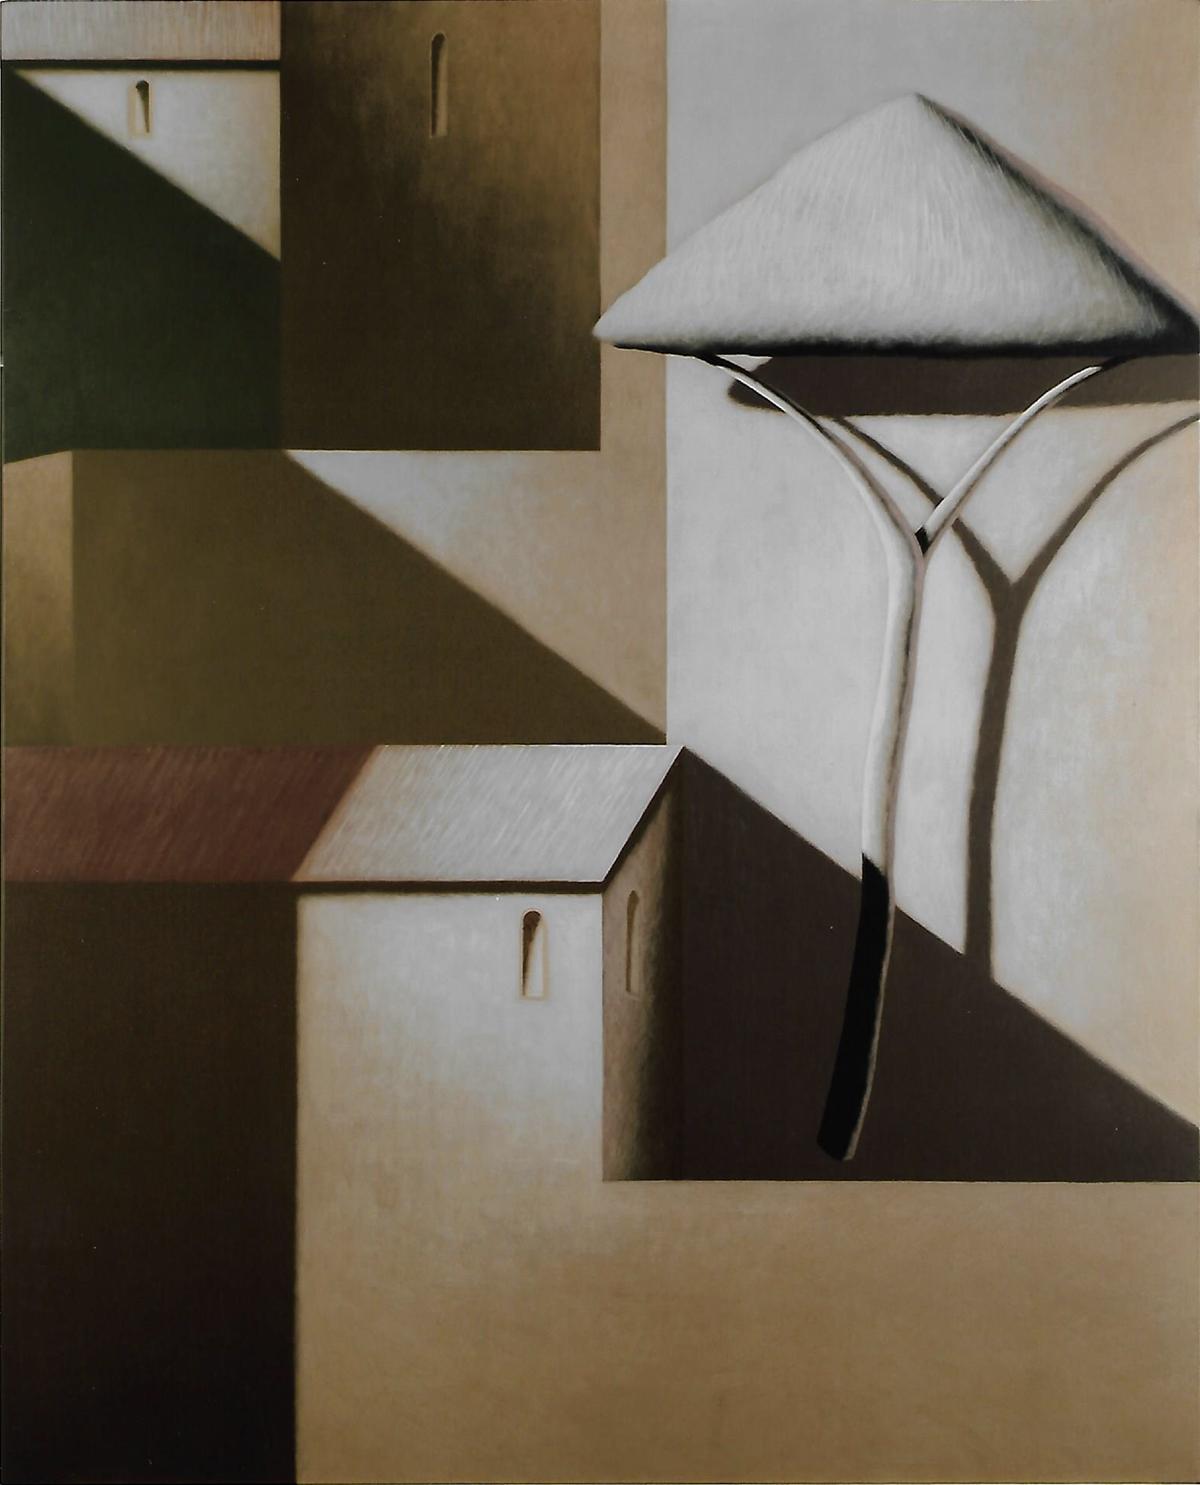 Enrico Lombardi – Mia intima gioia